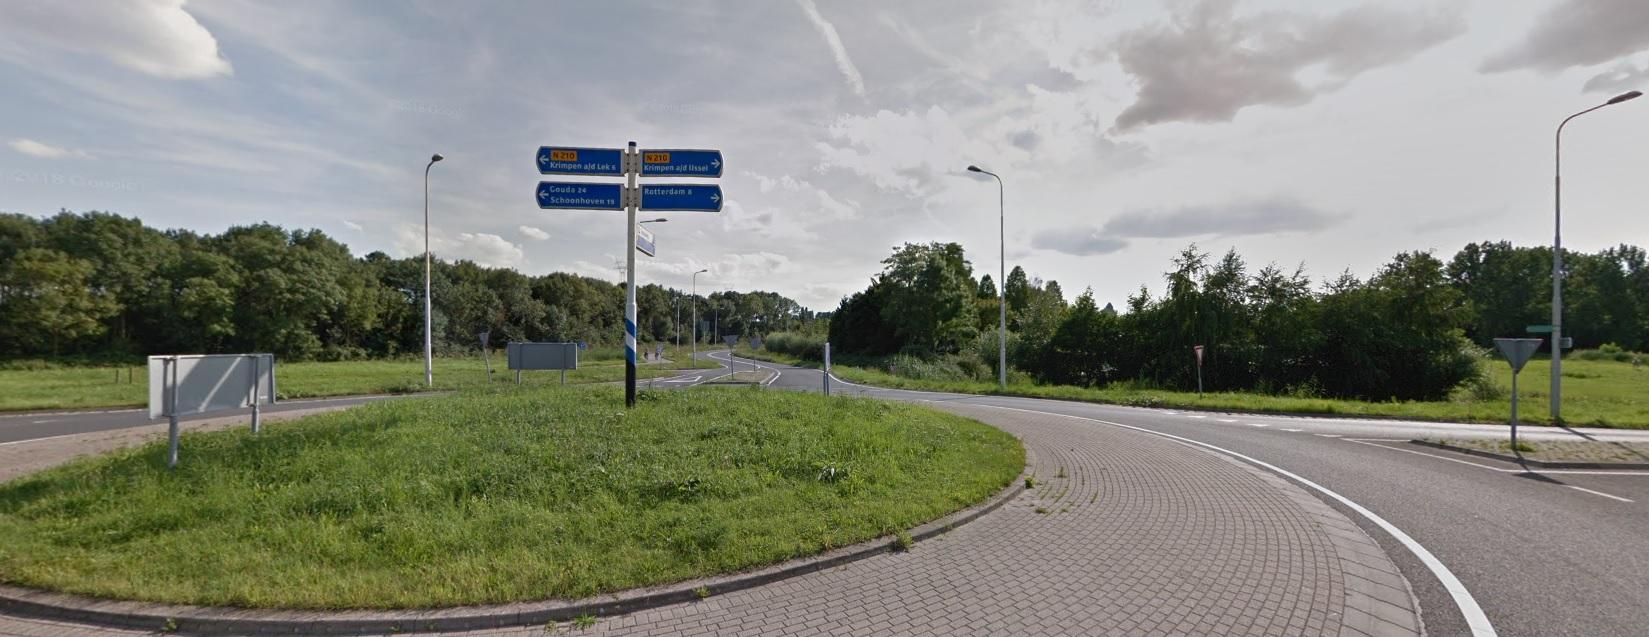 Raadsbrede steun voor motie verbindingsweg Lekdijk-N210